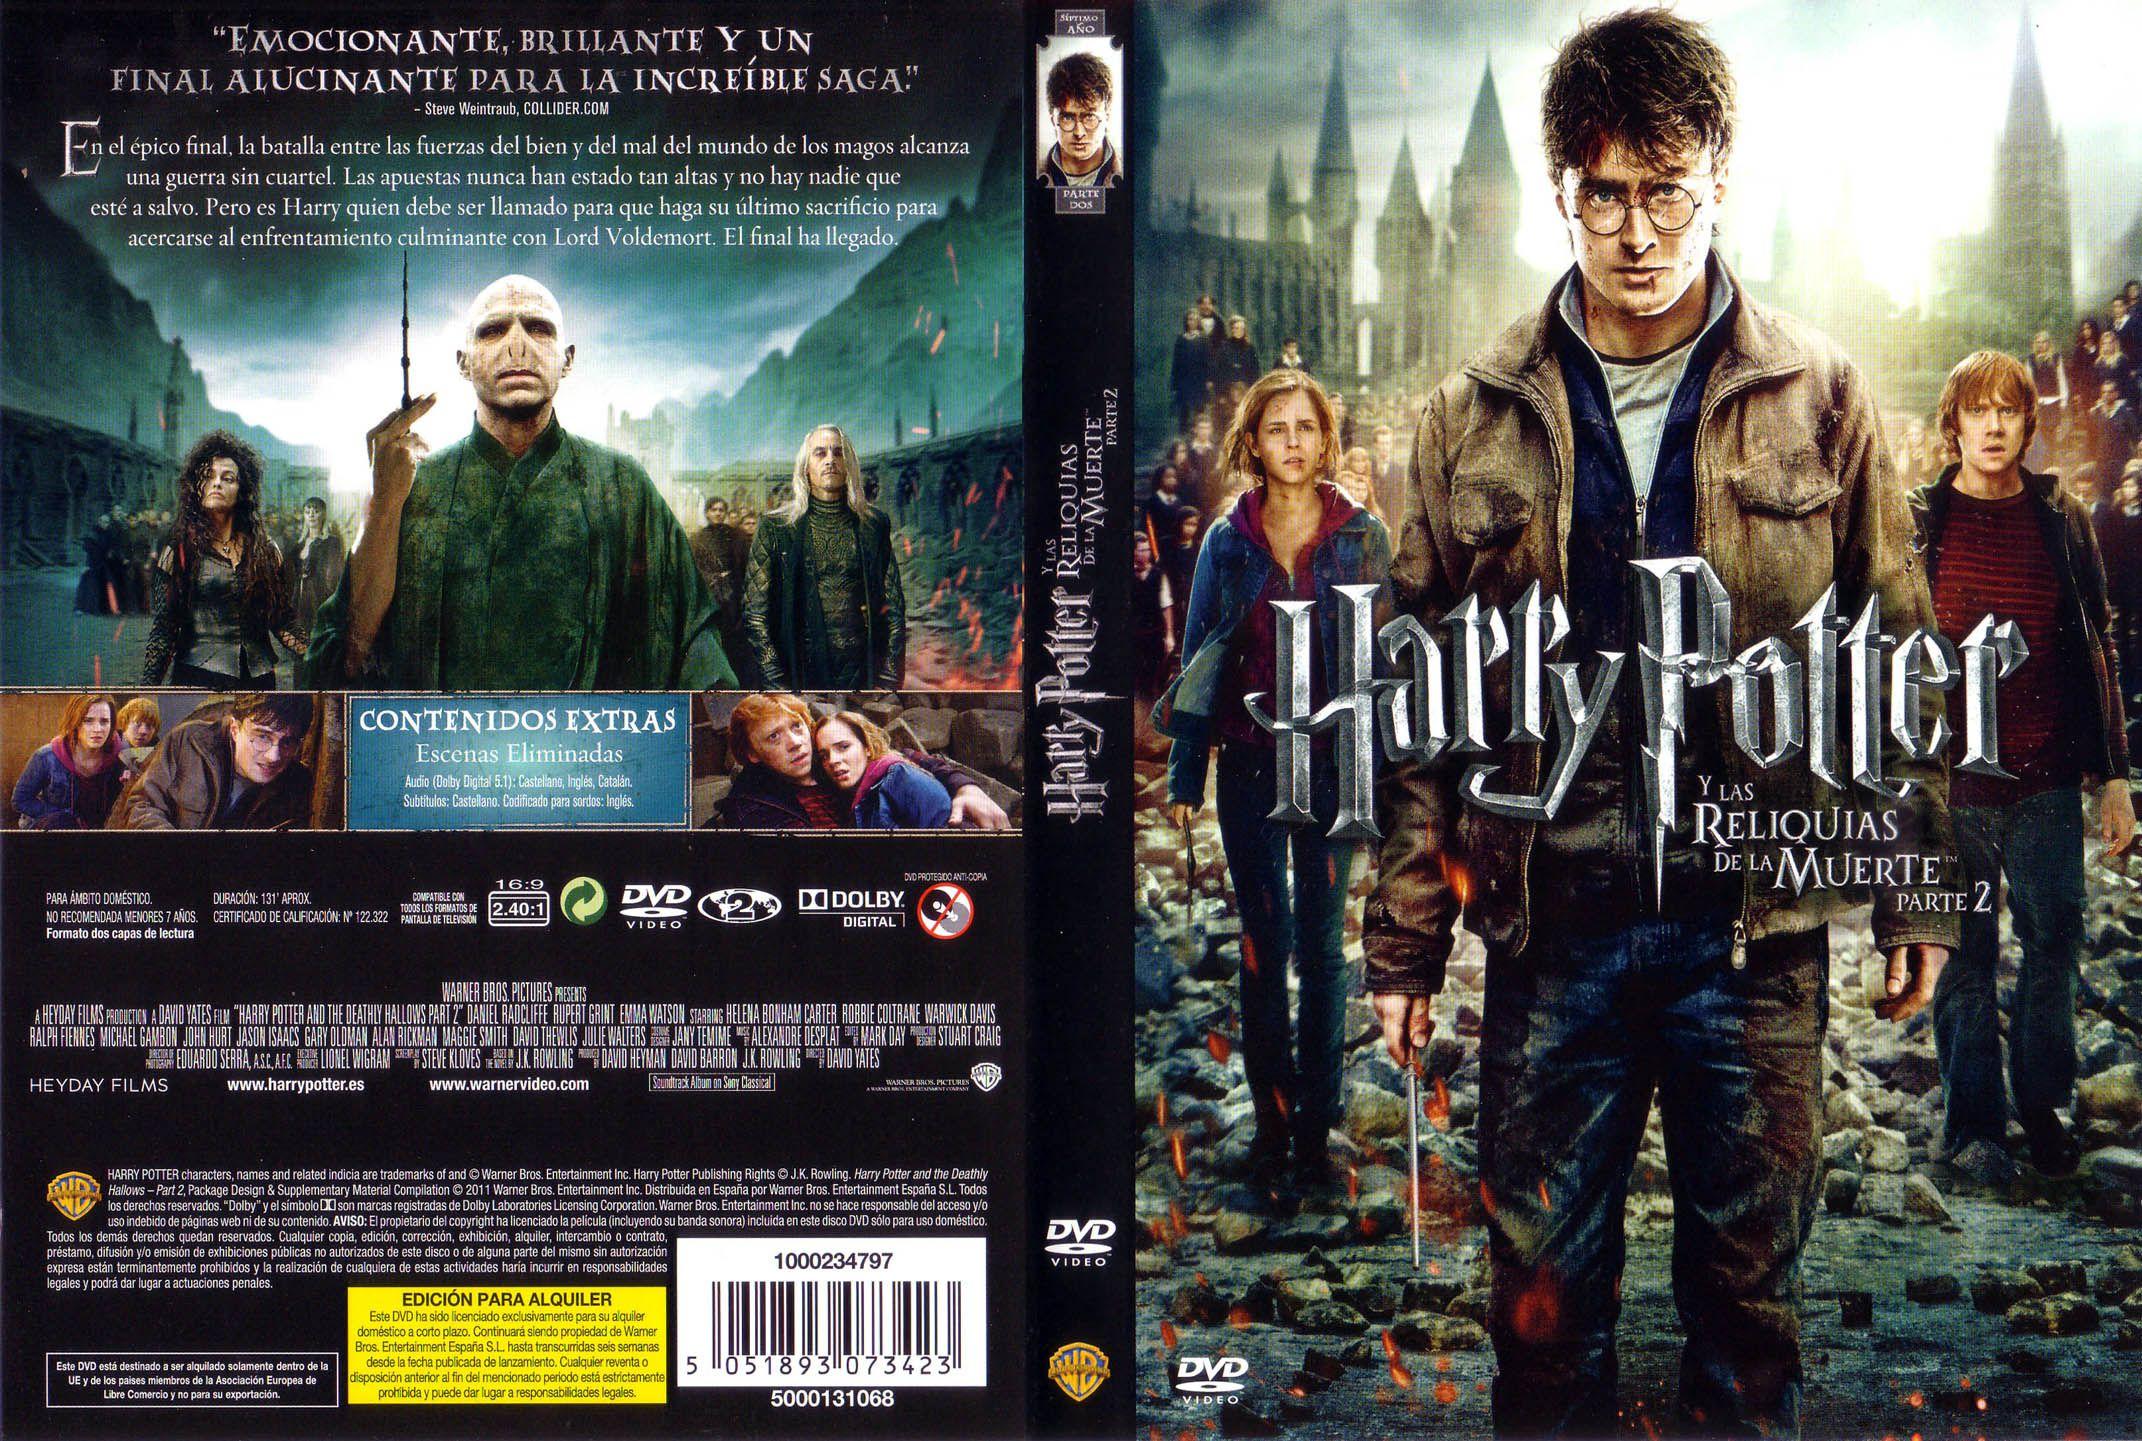 Harry Potter Y Las Reliquias De La Muerte Parte 2 Harry Potter Movies Movie Posters